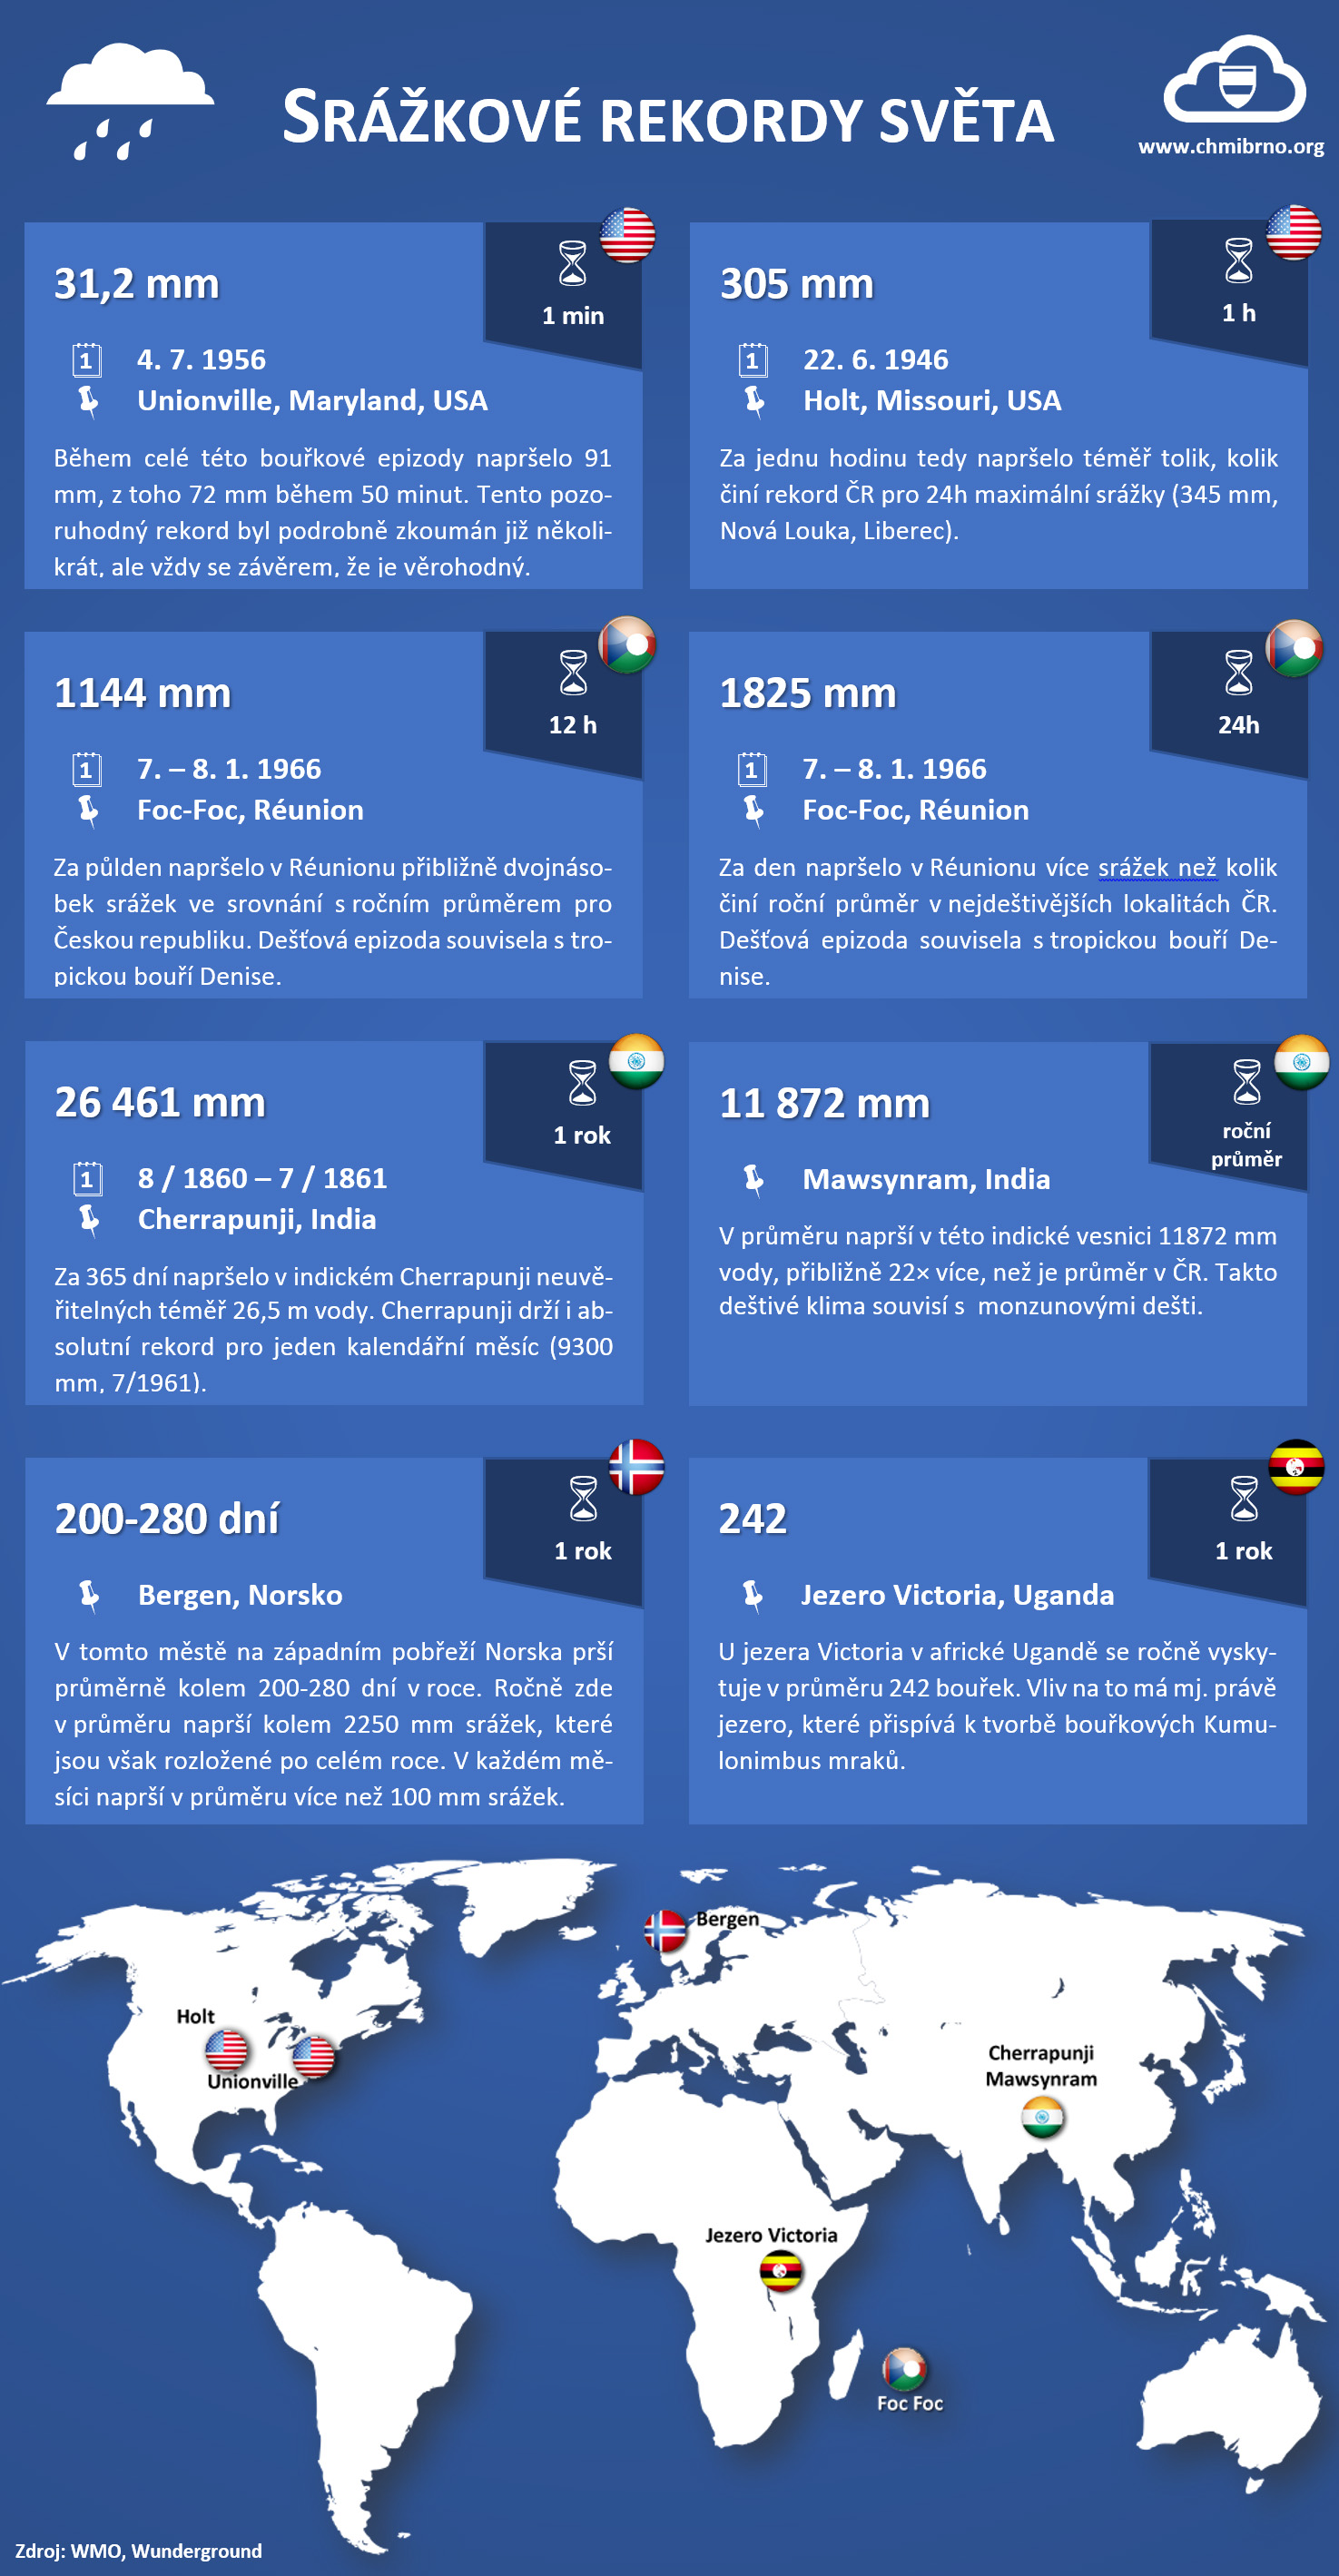 Srážkové rekordy světa2 min čtení